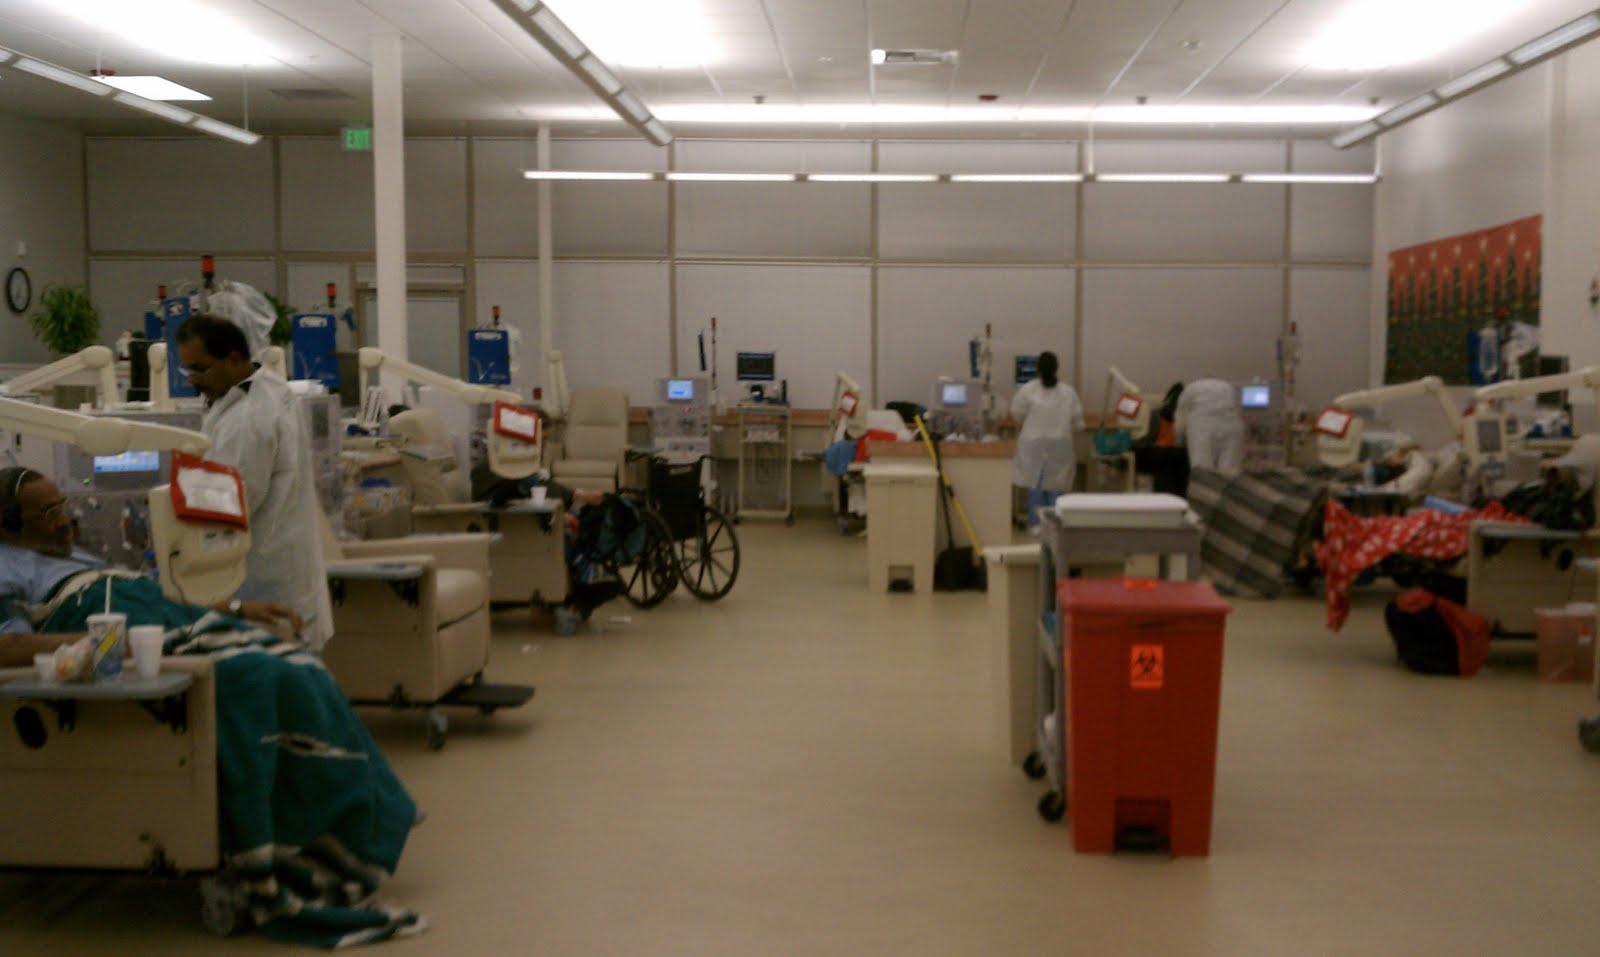 Davita Dialysis center Franchise